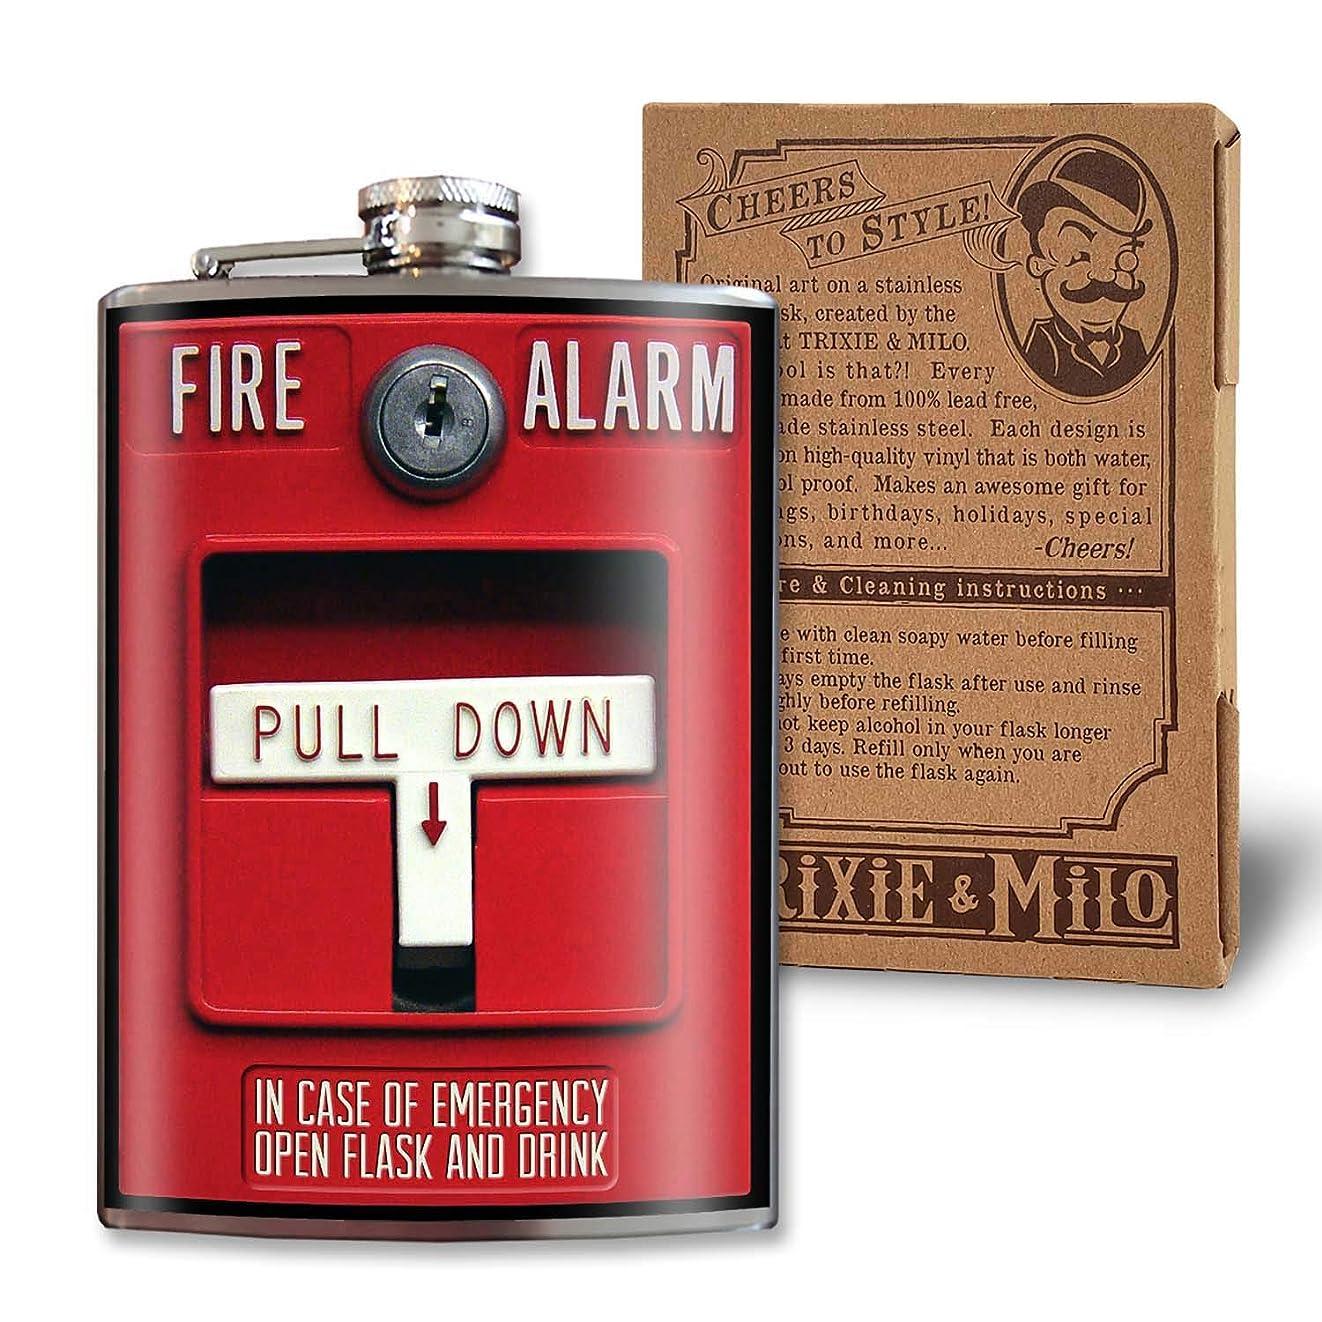 最愛のマーチャンダイザーマーケティングTrixie & Milo 火災警報 緊急 面白い ノベルティフラスコ 8オンス ステンレススチール製 ギフトボックス入り